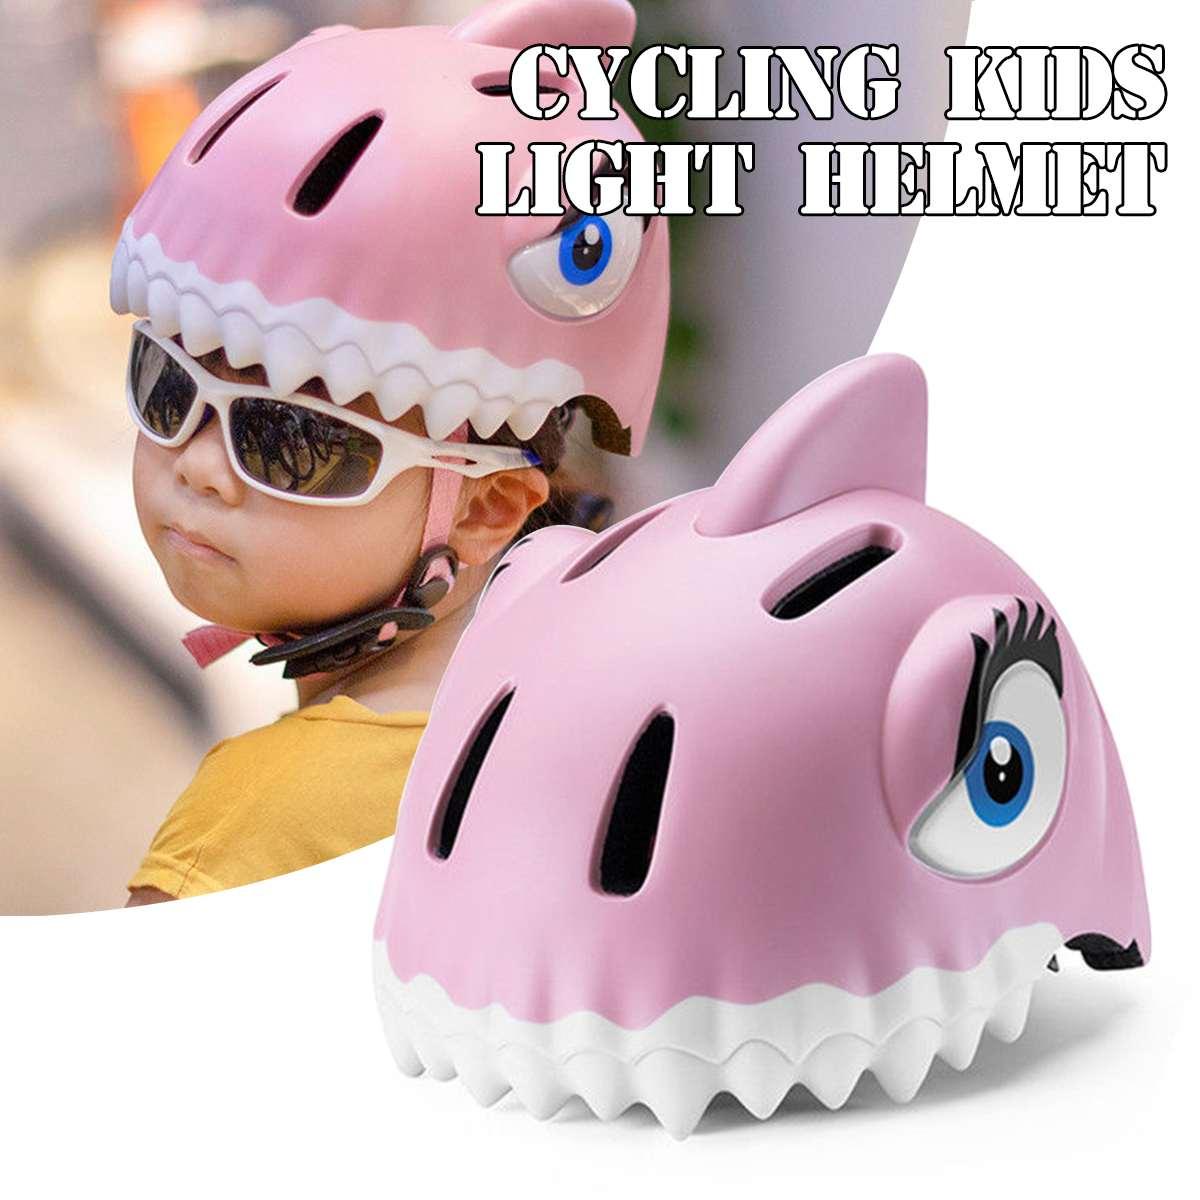 49-55cm Kid Light Helmet Skateboard Helmet Child Safety Animal Helmet Bicycle Helmet Cycling Caps Bicycle49-55cm Kid Light Helmet Skateboard Helmet Child Safety Animal Helmet Bicycle Helmet Cycling Caps Bicycle